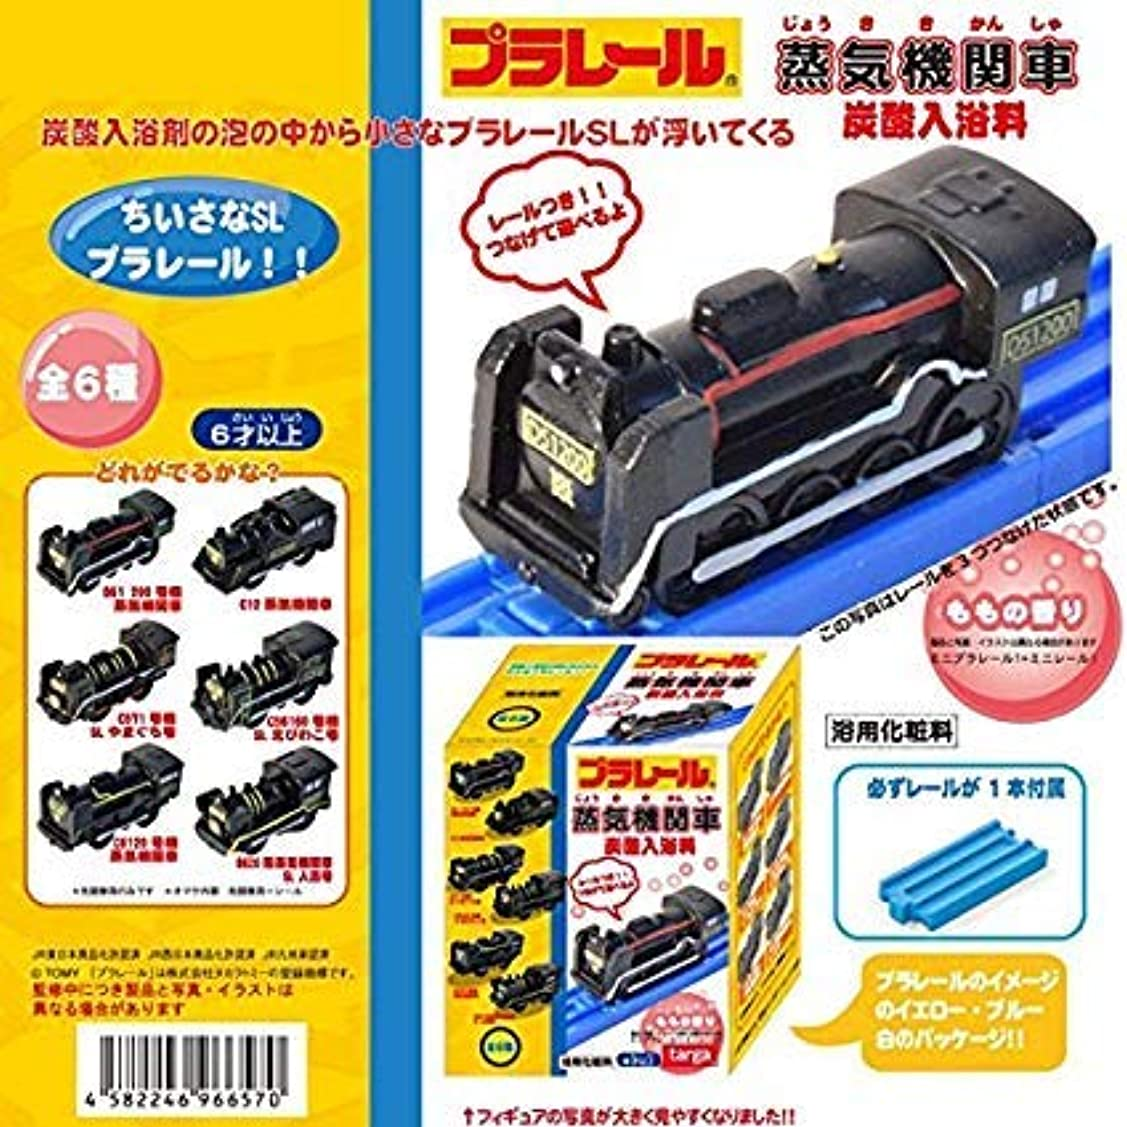 財布クロール伝統的プラレール 蒸気機関車 炭酸入浴剤 【6個セット】 ももの香り レールつき機関車